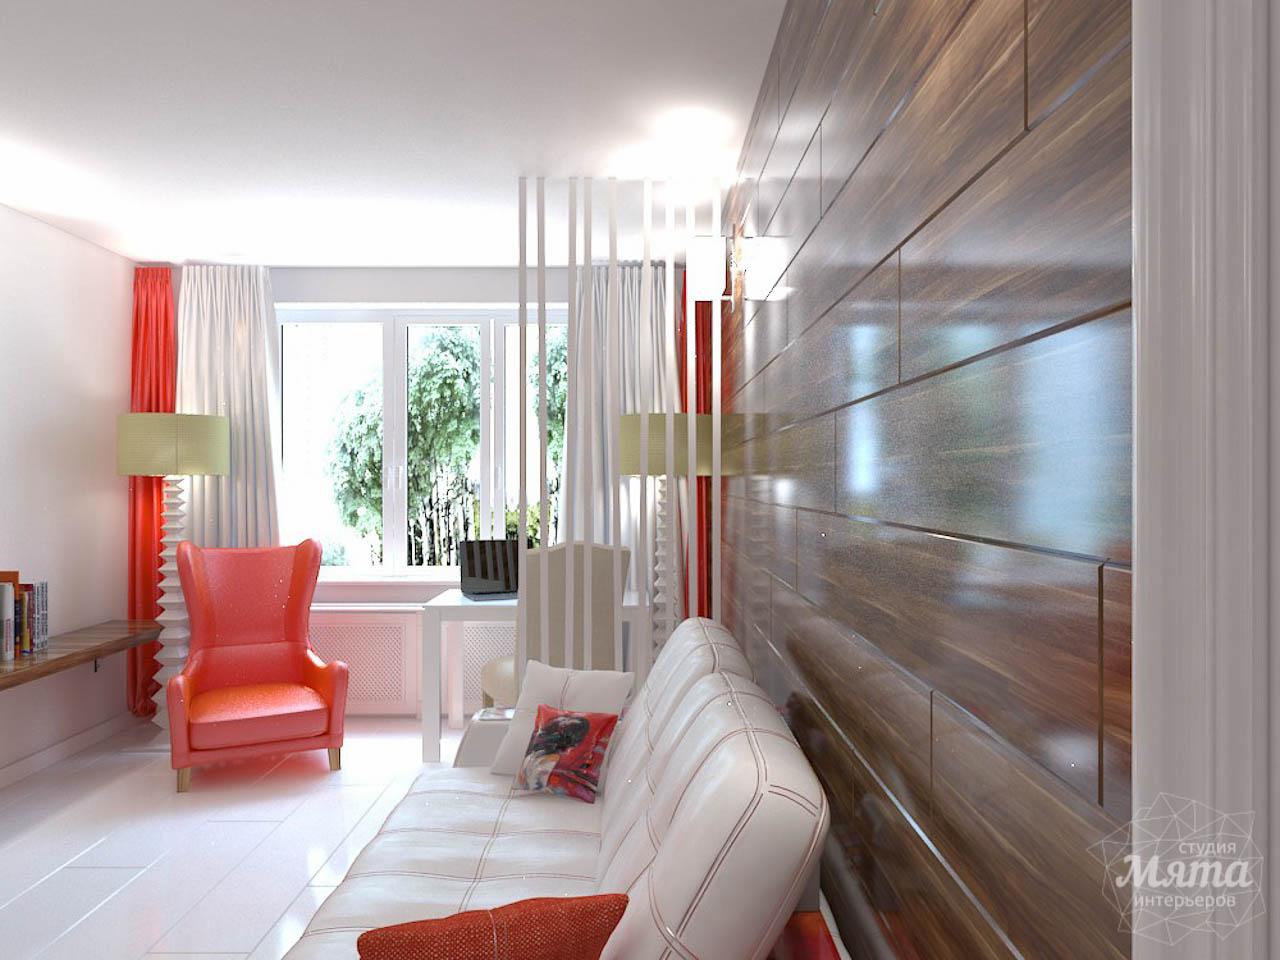 Дизайн интерьера однокомнатной квартиры в стиле минимализм по ул. Чапаева 30 img1315791825